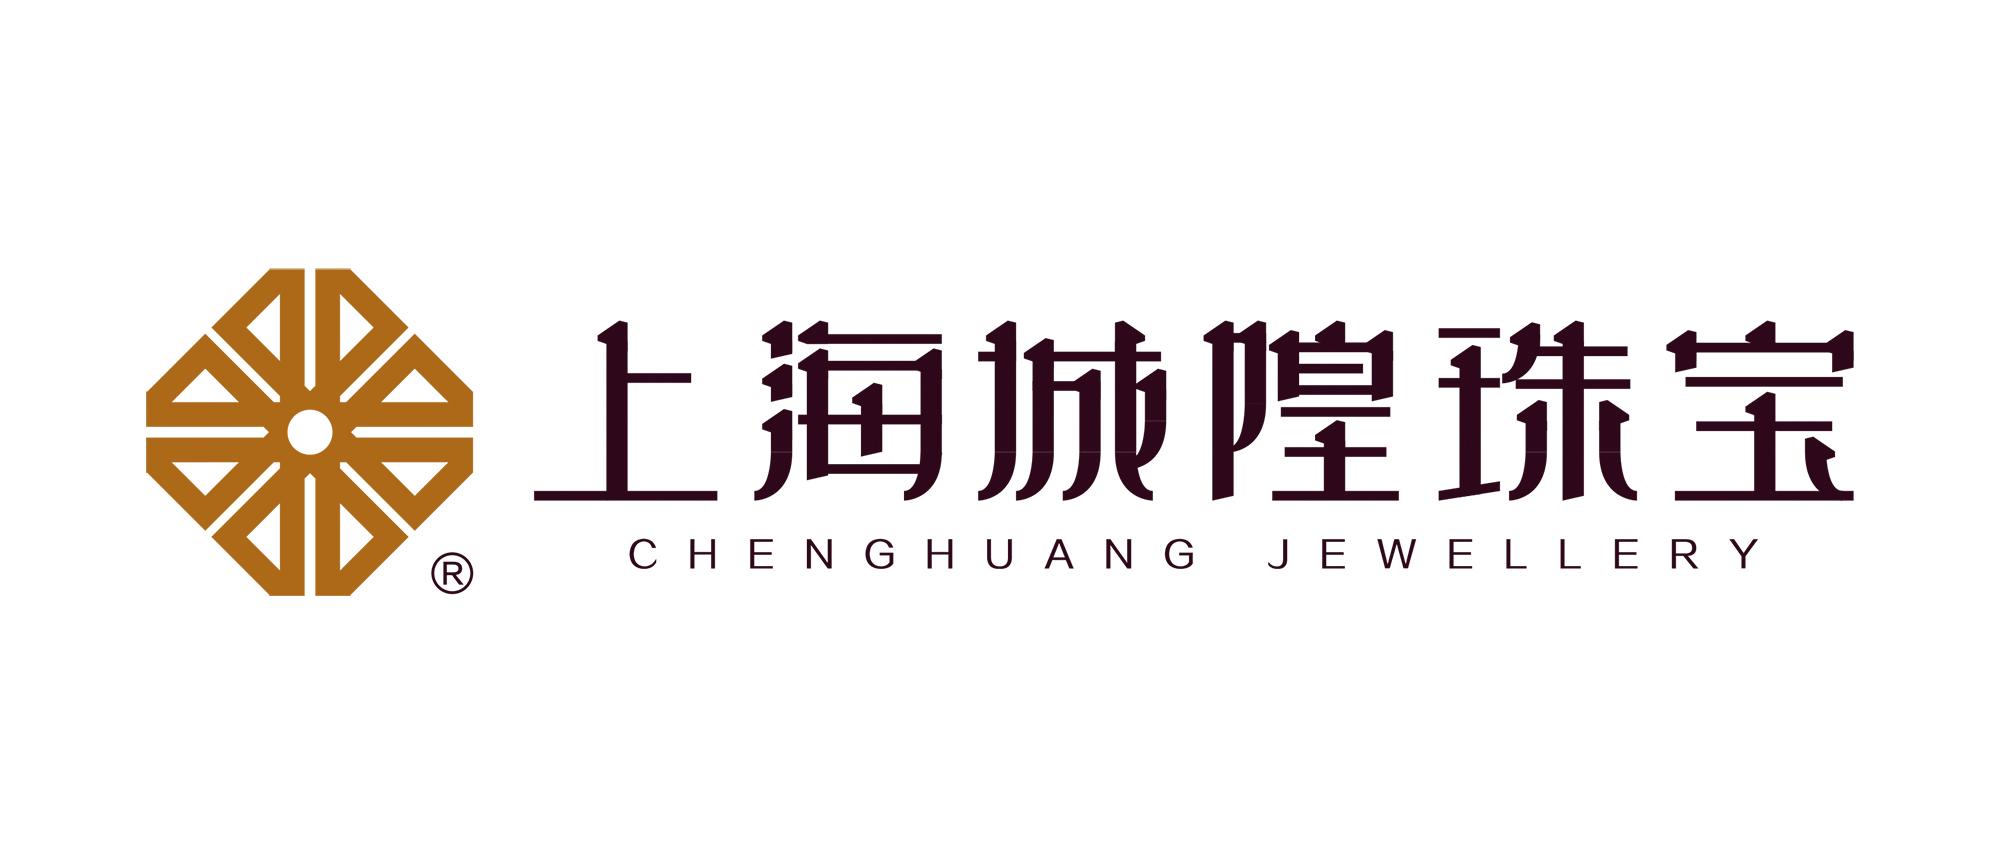 上海城隍珠宝